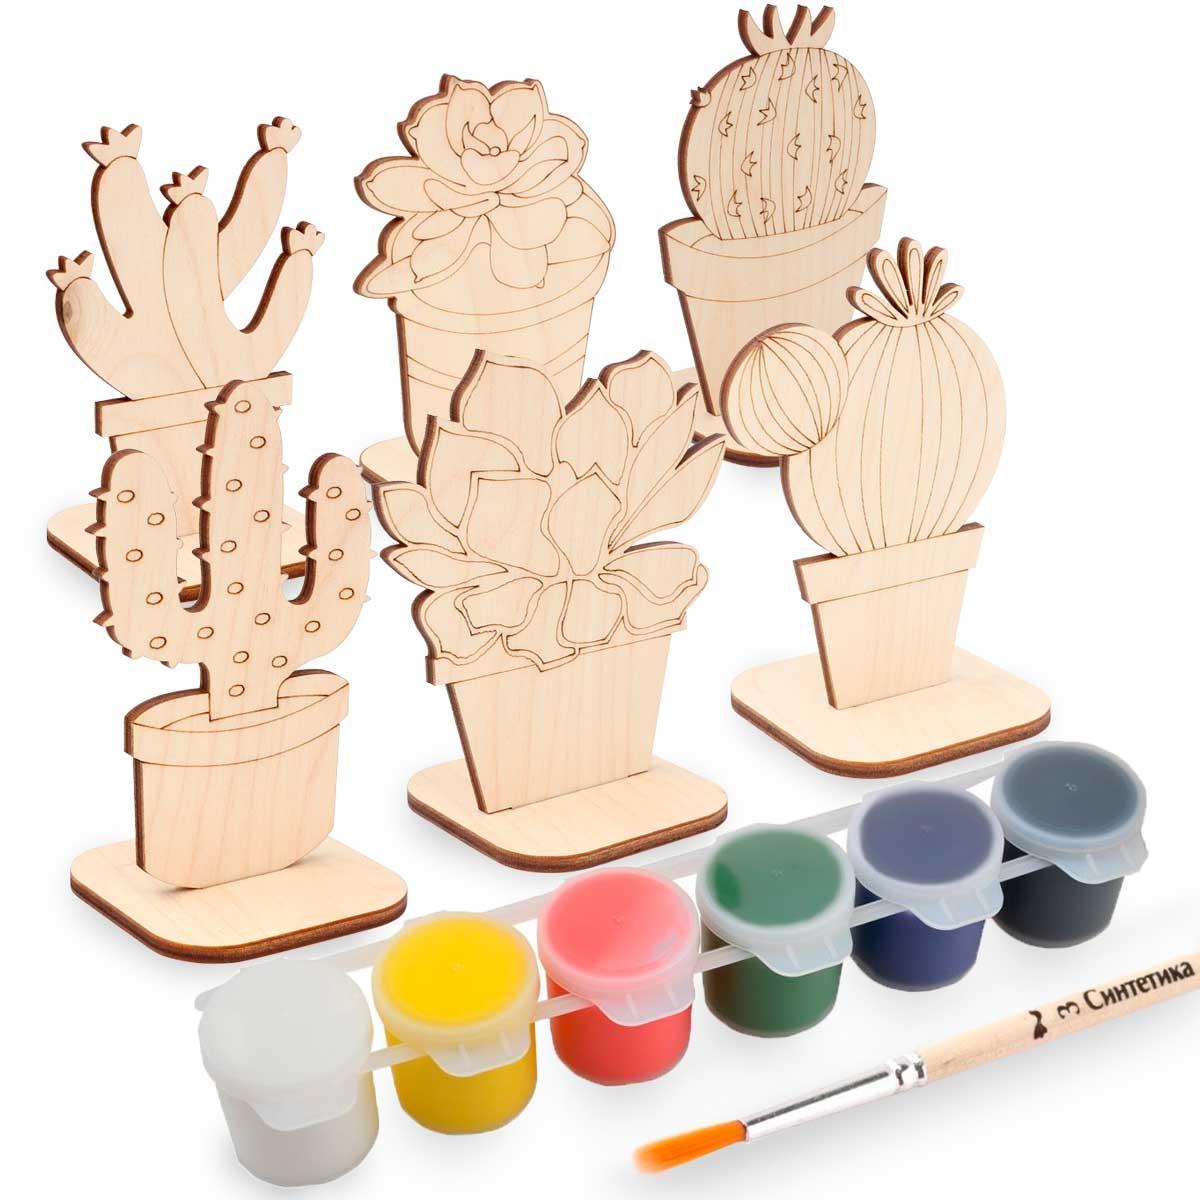 Набор для раскрашивания деревянных заготовок 'Кактусы'